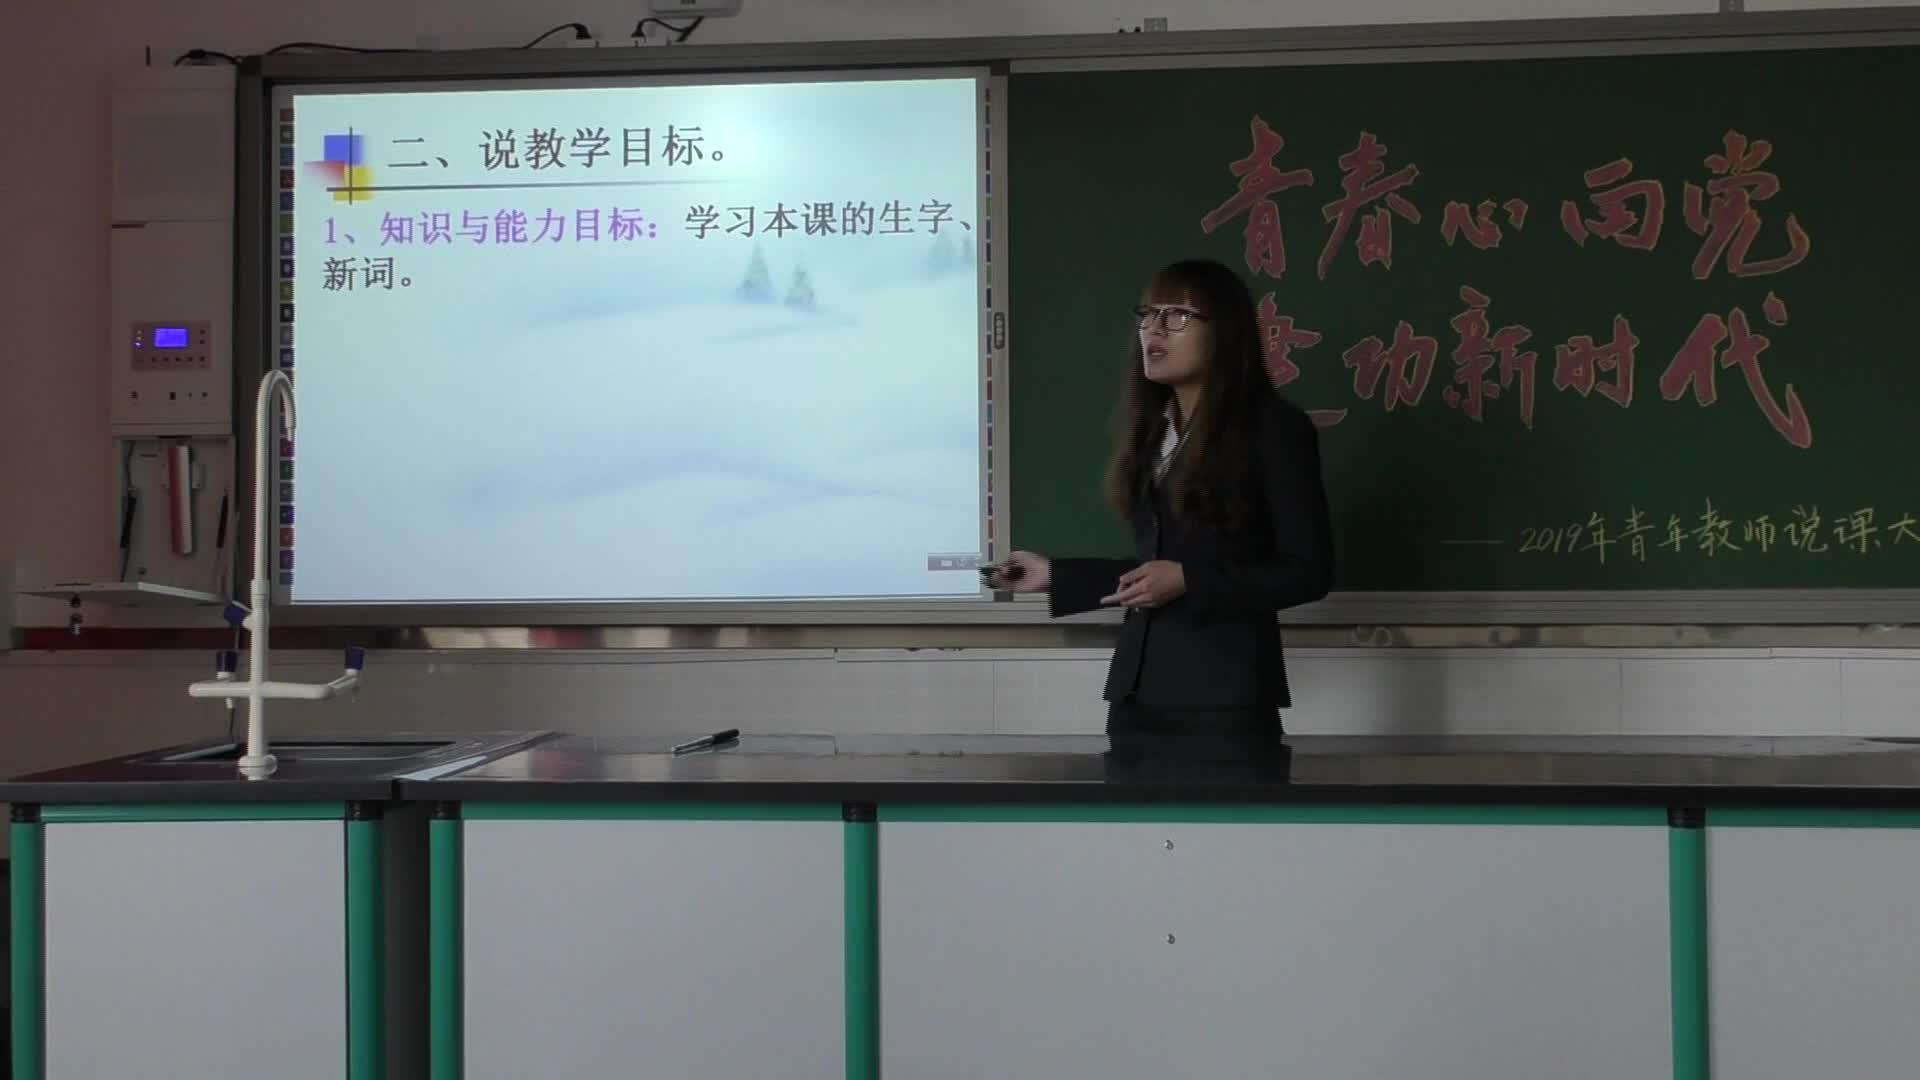 部编版 六年级语文下册 第6课 北京的春天 (2)-视频说课